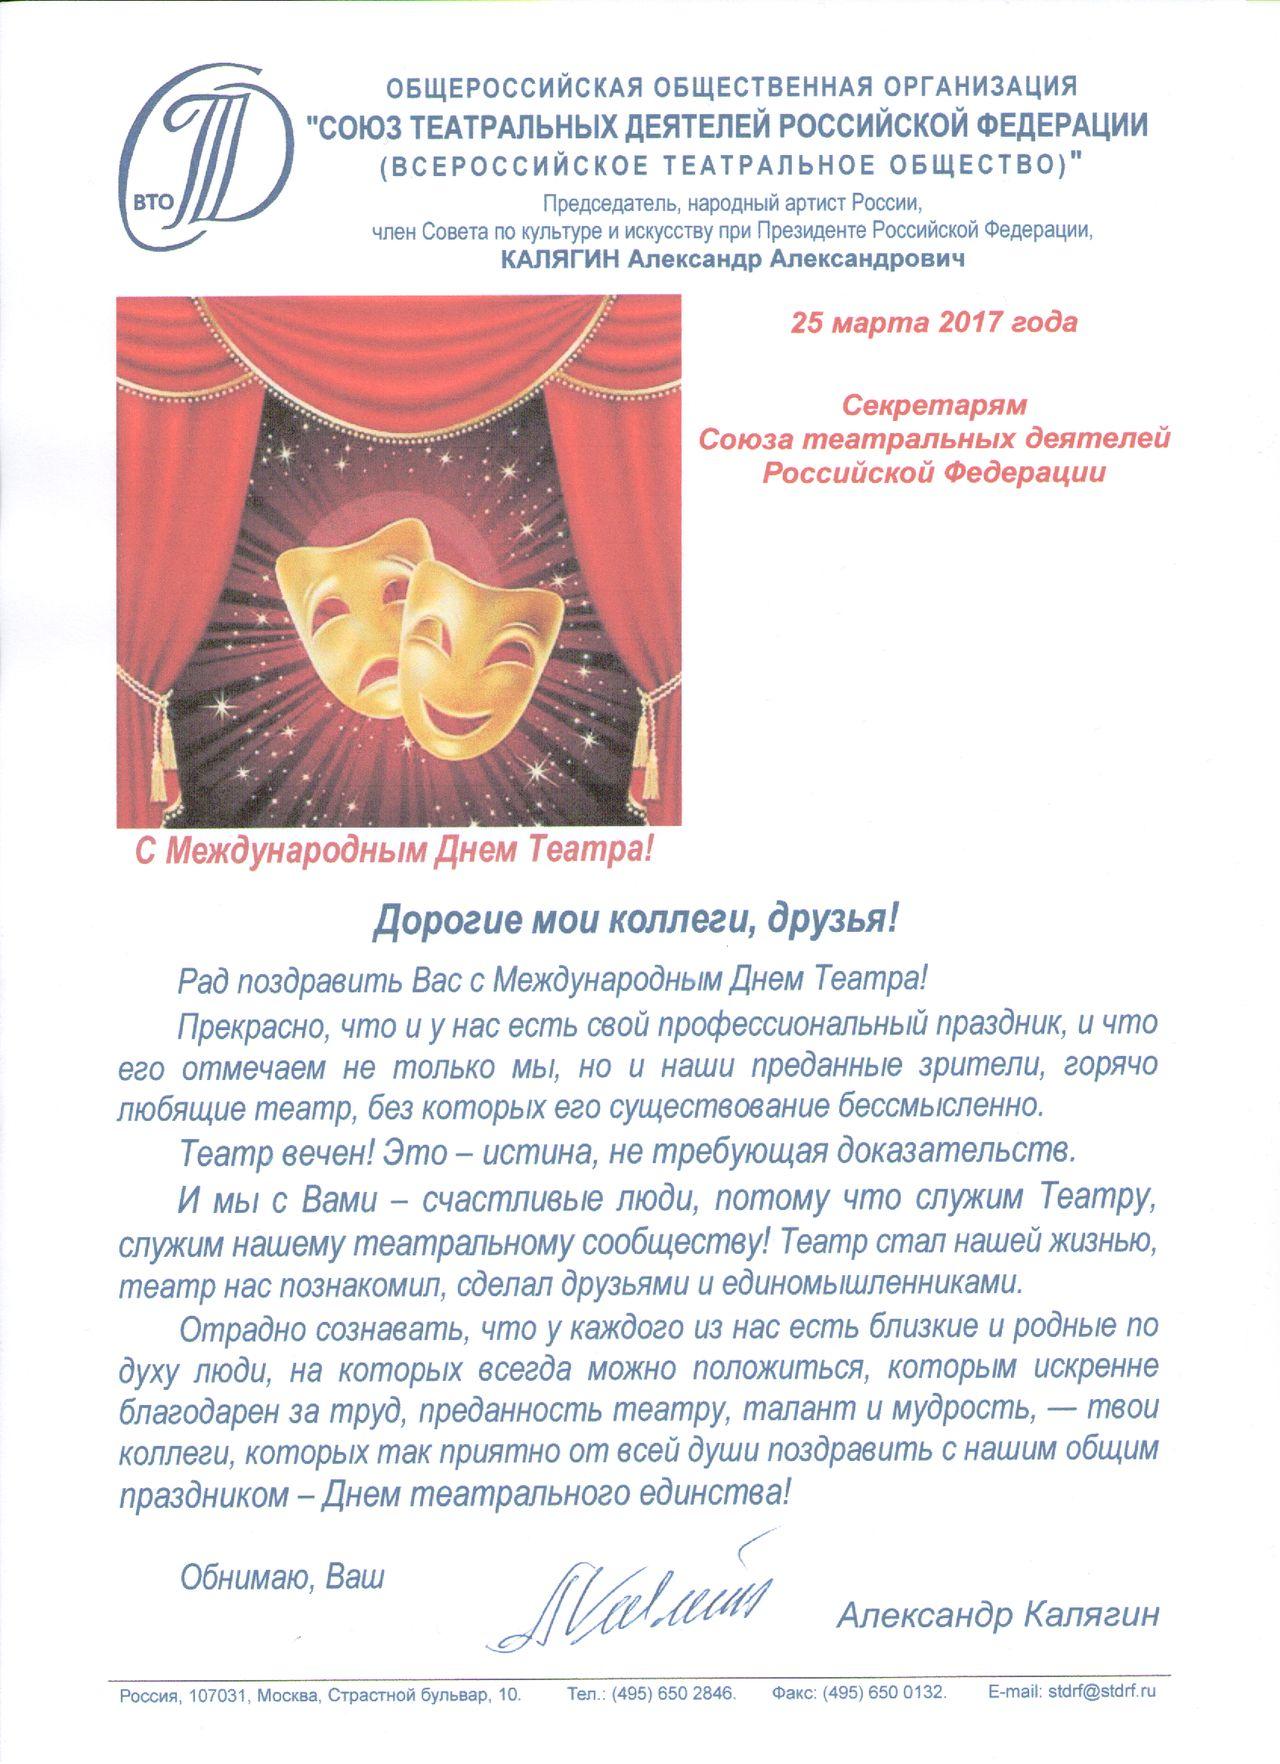 Всероссийское театральное общество